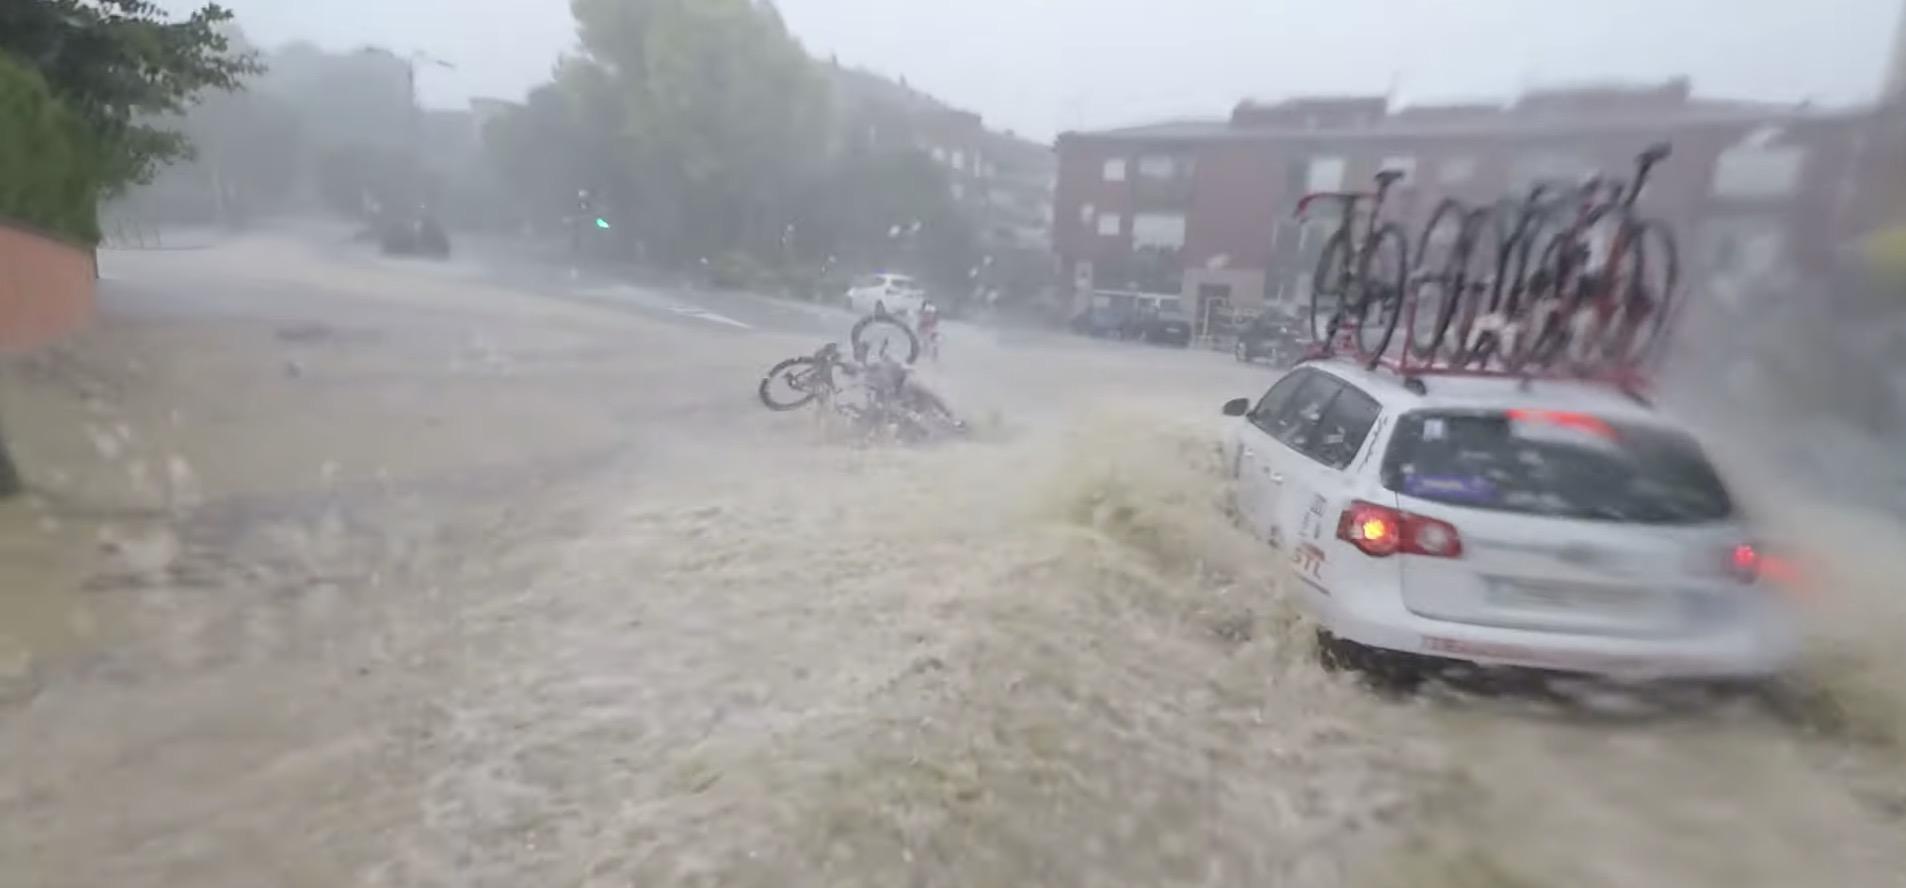 [Video] Ciclisti cadono in strada allagata